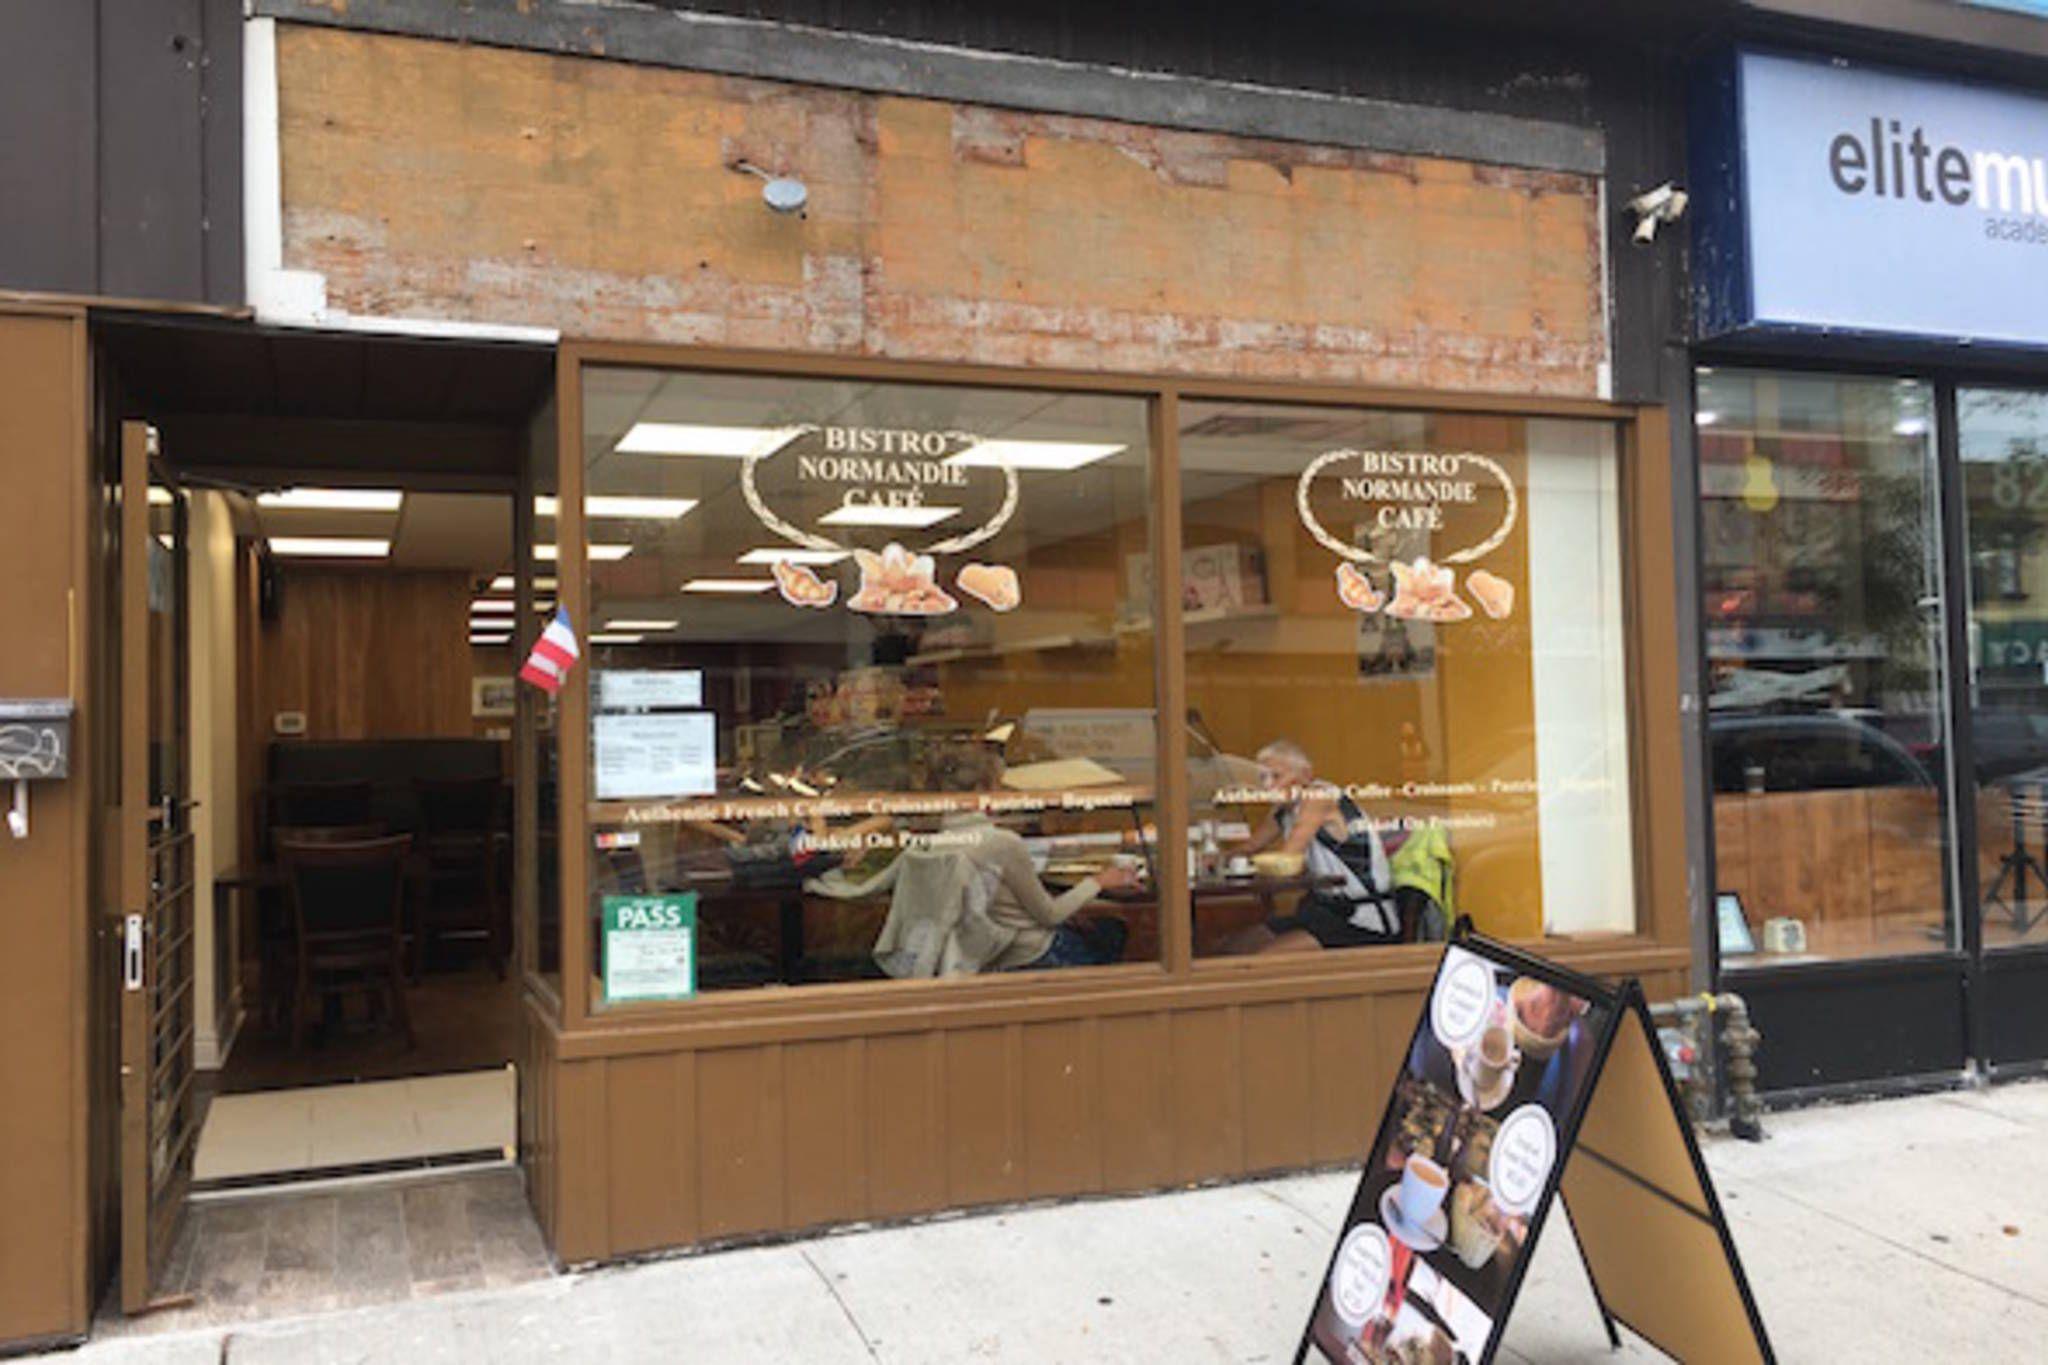 Bistro Normandie Cafe Toronto Bistro, Cafe, Coffee shop